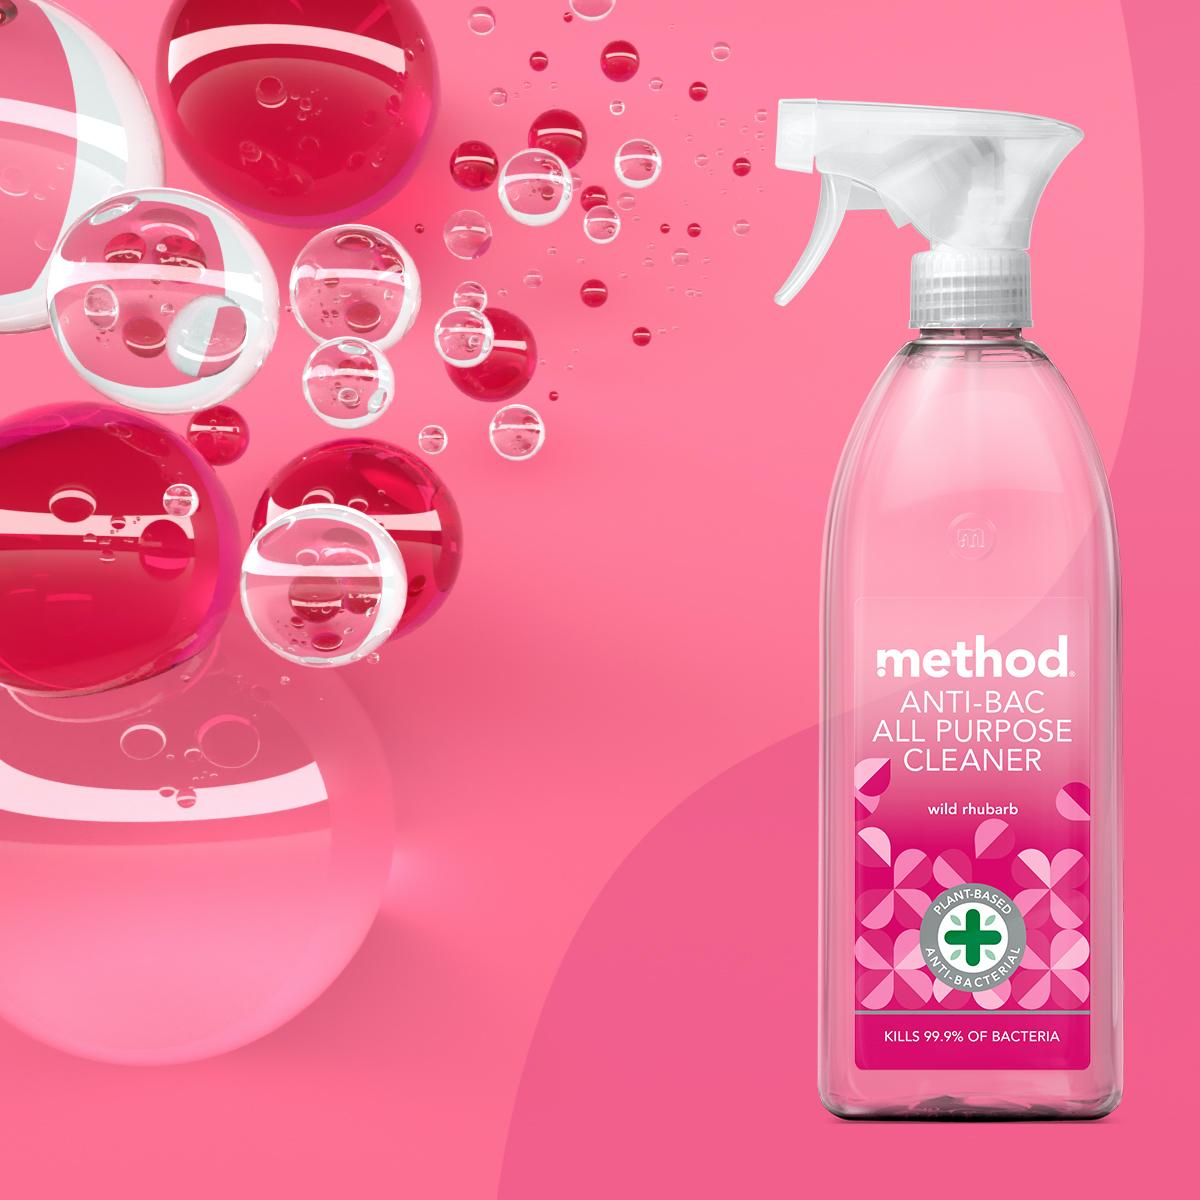 Method-Bubble-Rhubarb